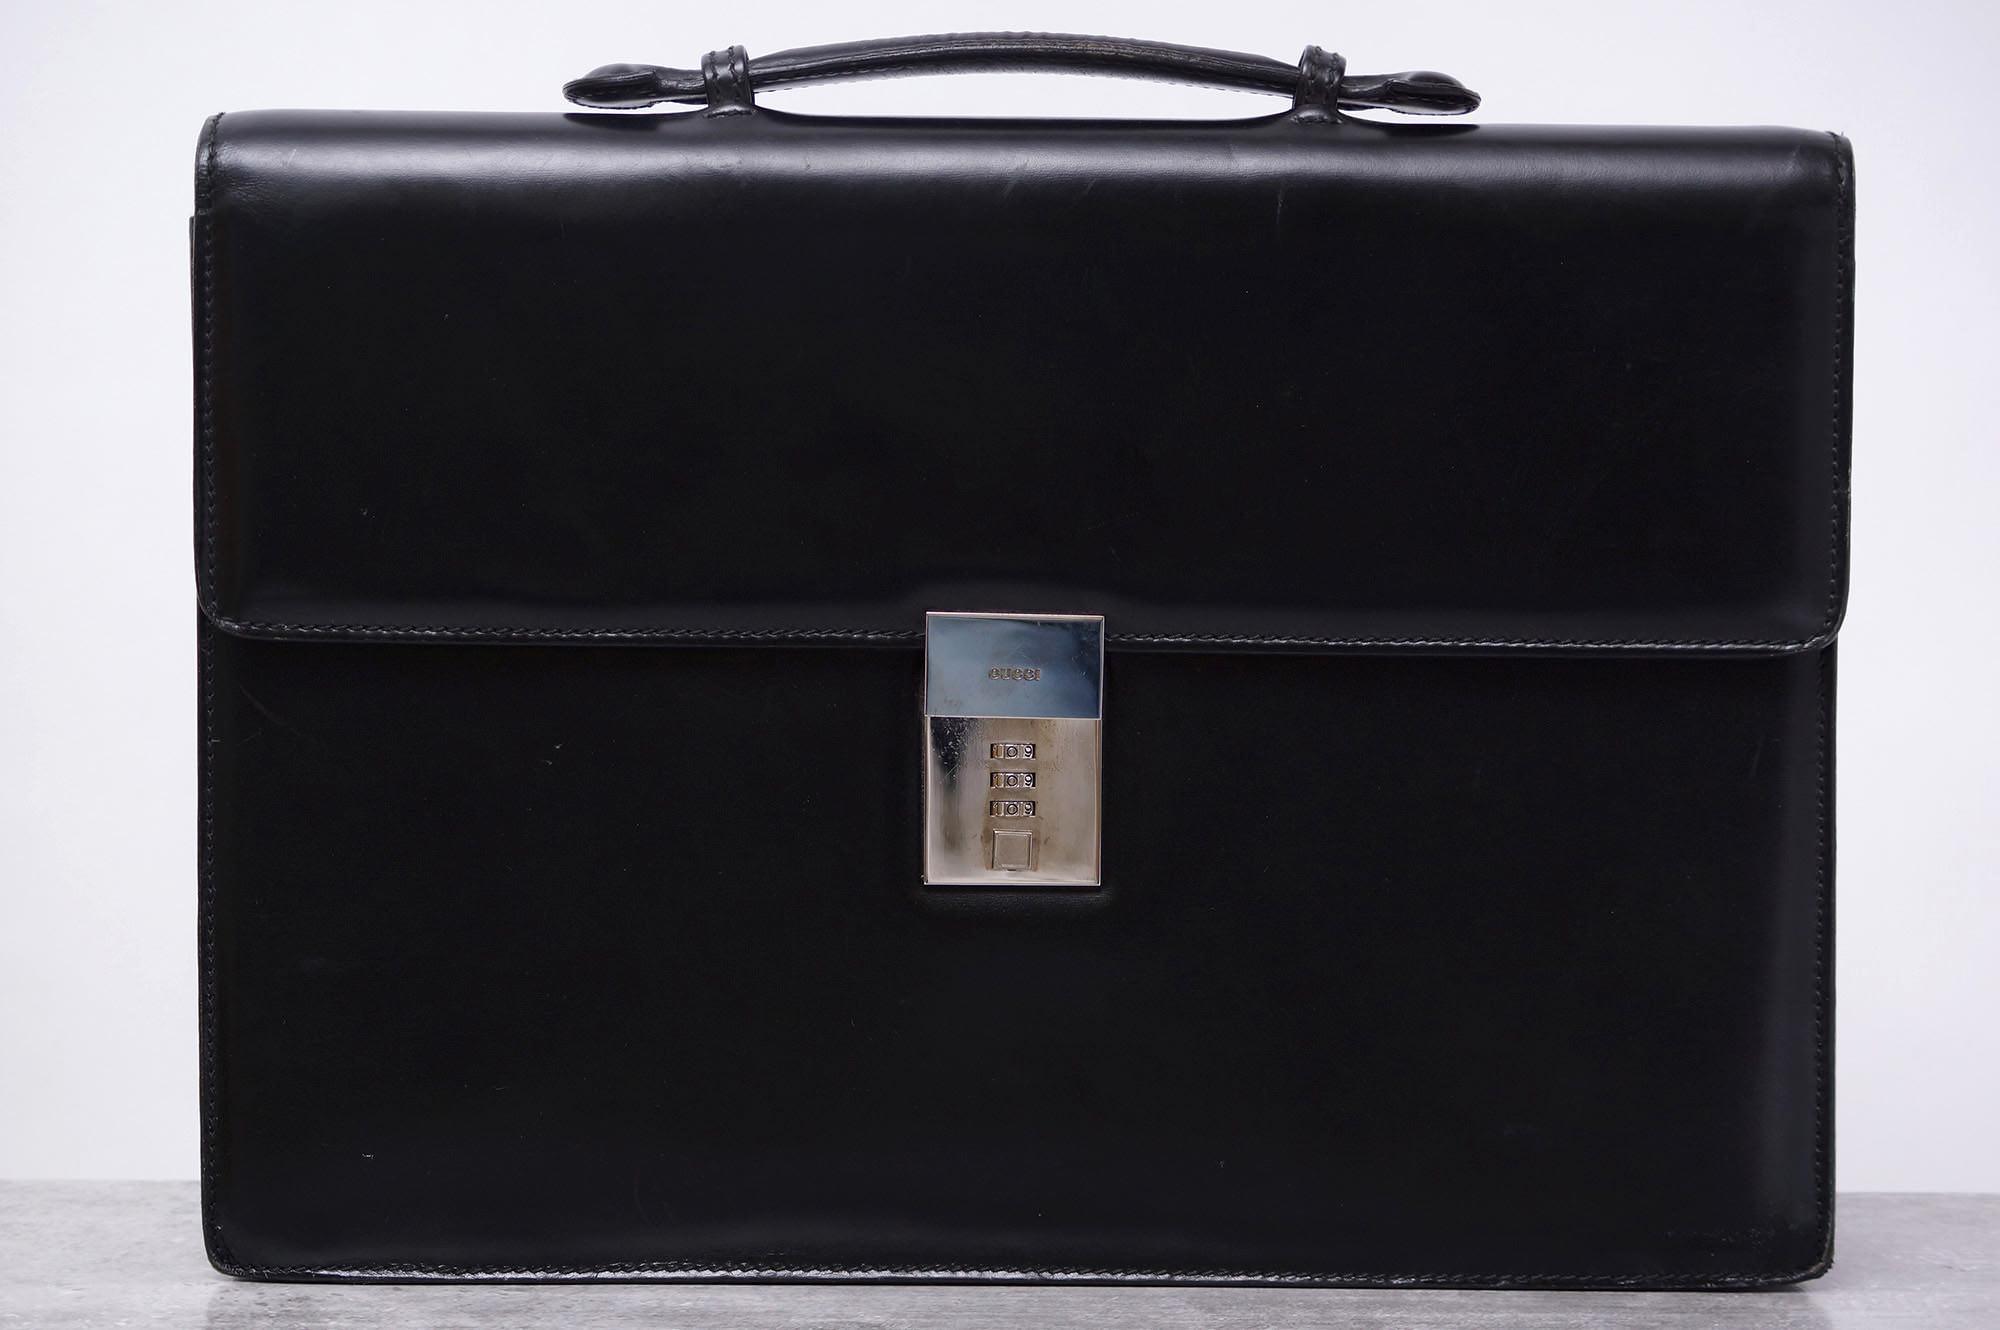 competitive price 084ce 1e63f グッチ / GUCCI ビジネスバッグ メンズ ブラック 黒 015 3361